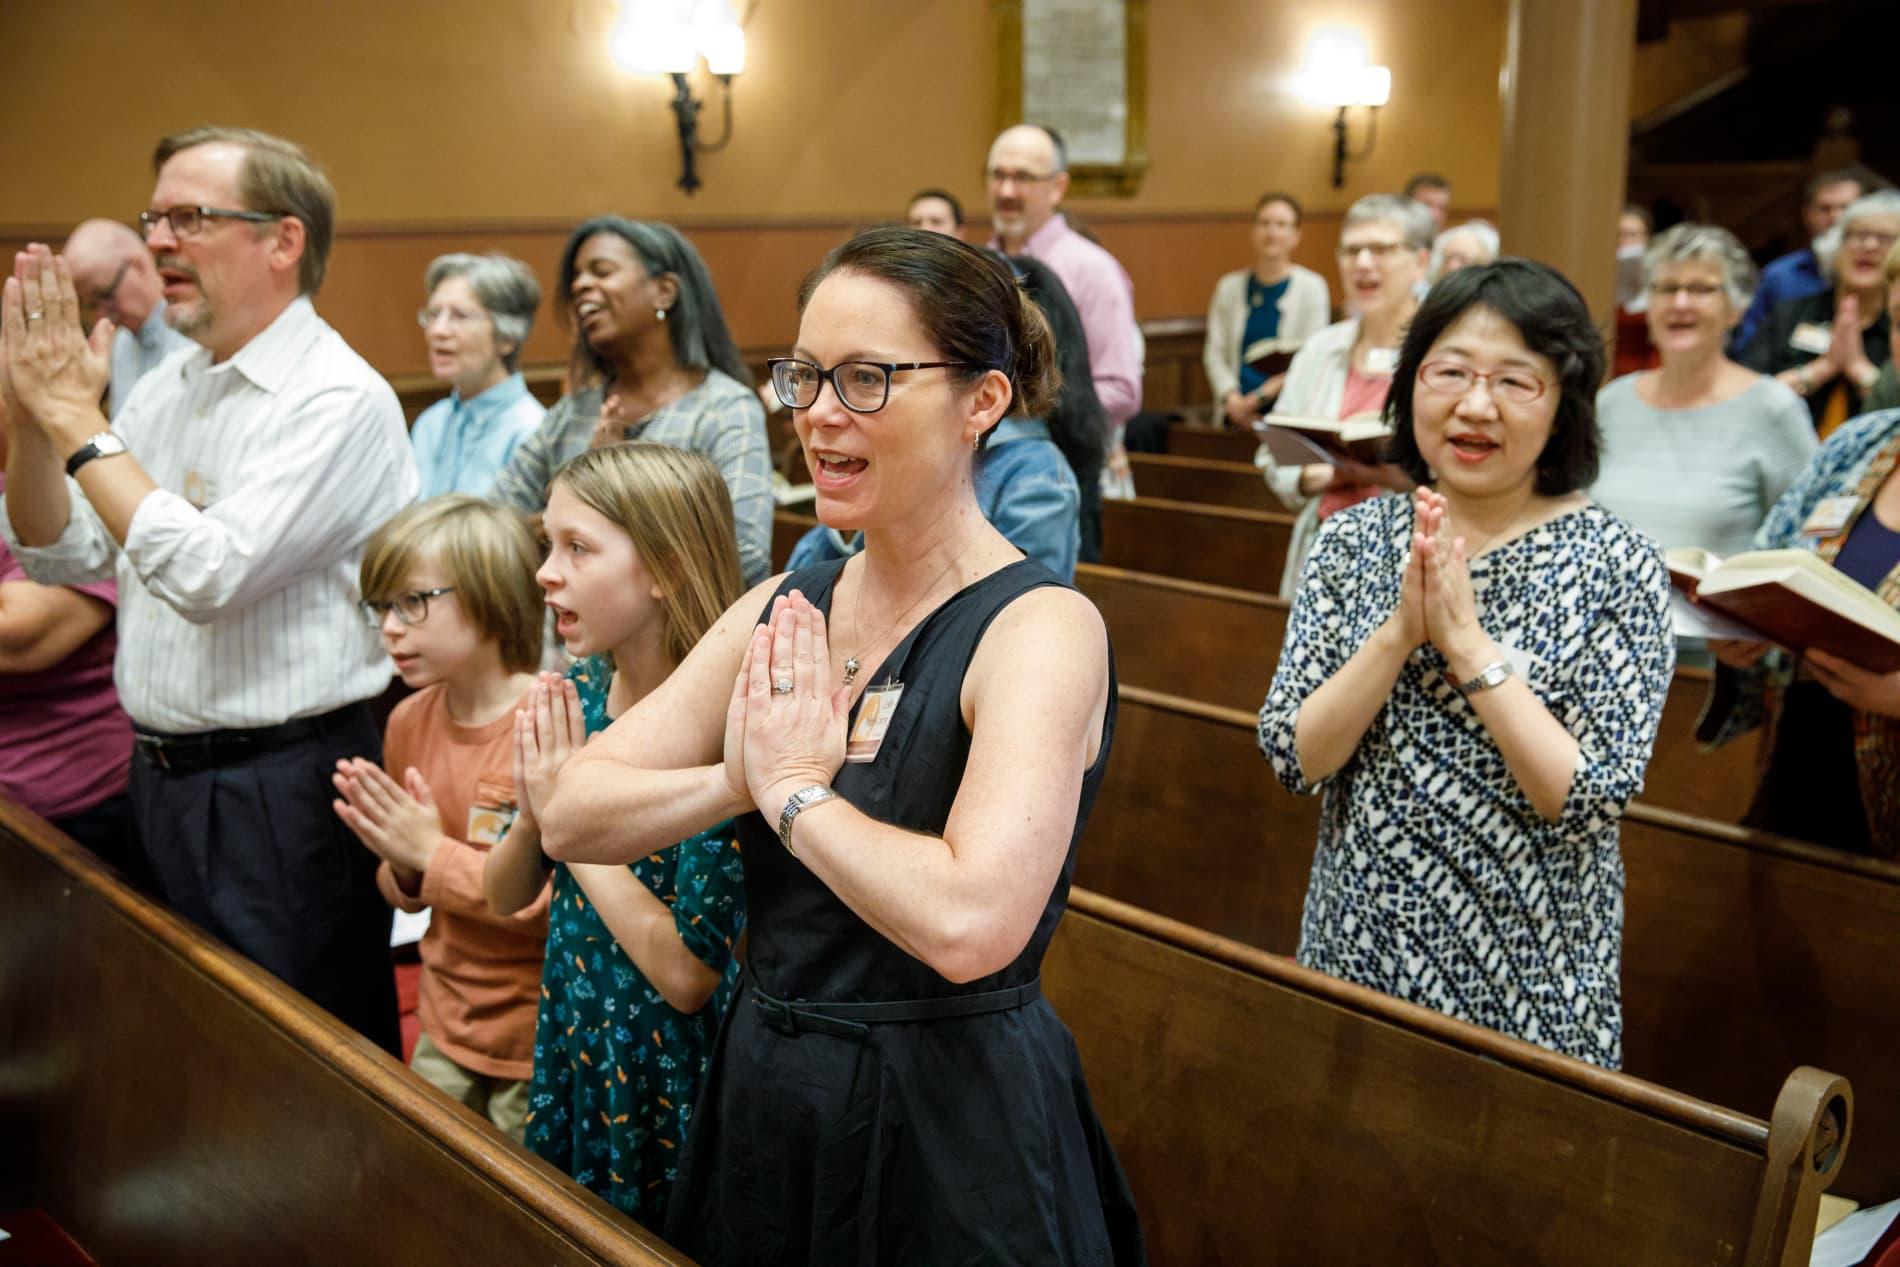 people worshiping in church